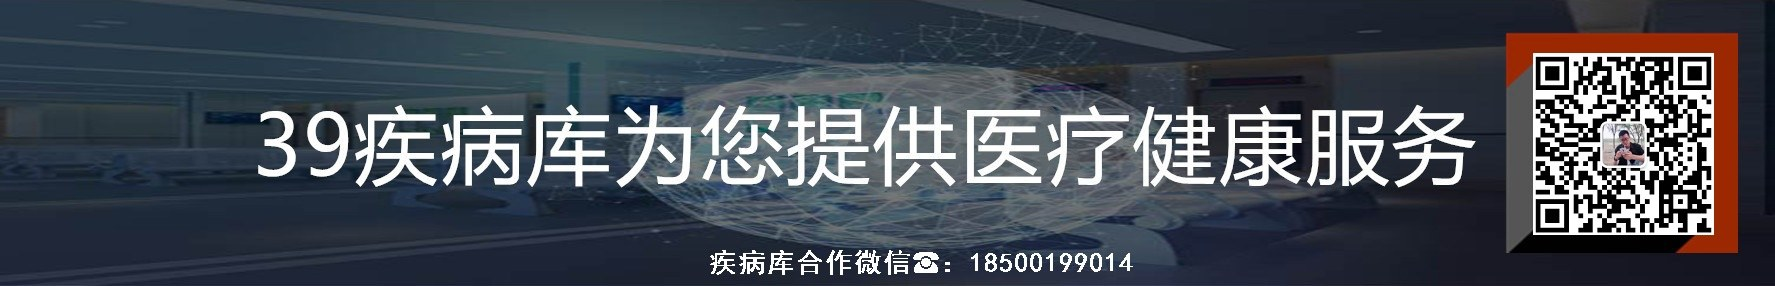 郑州癫痫病在线视频偷国产精品